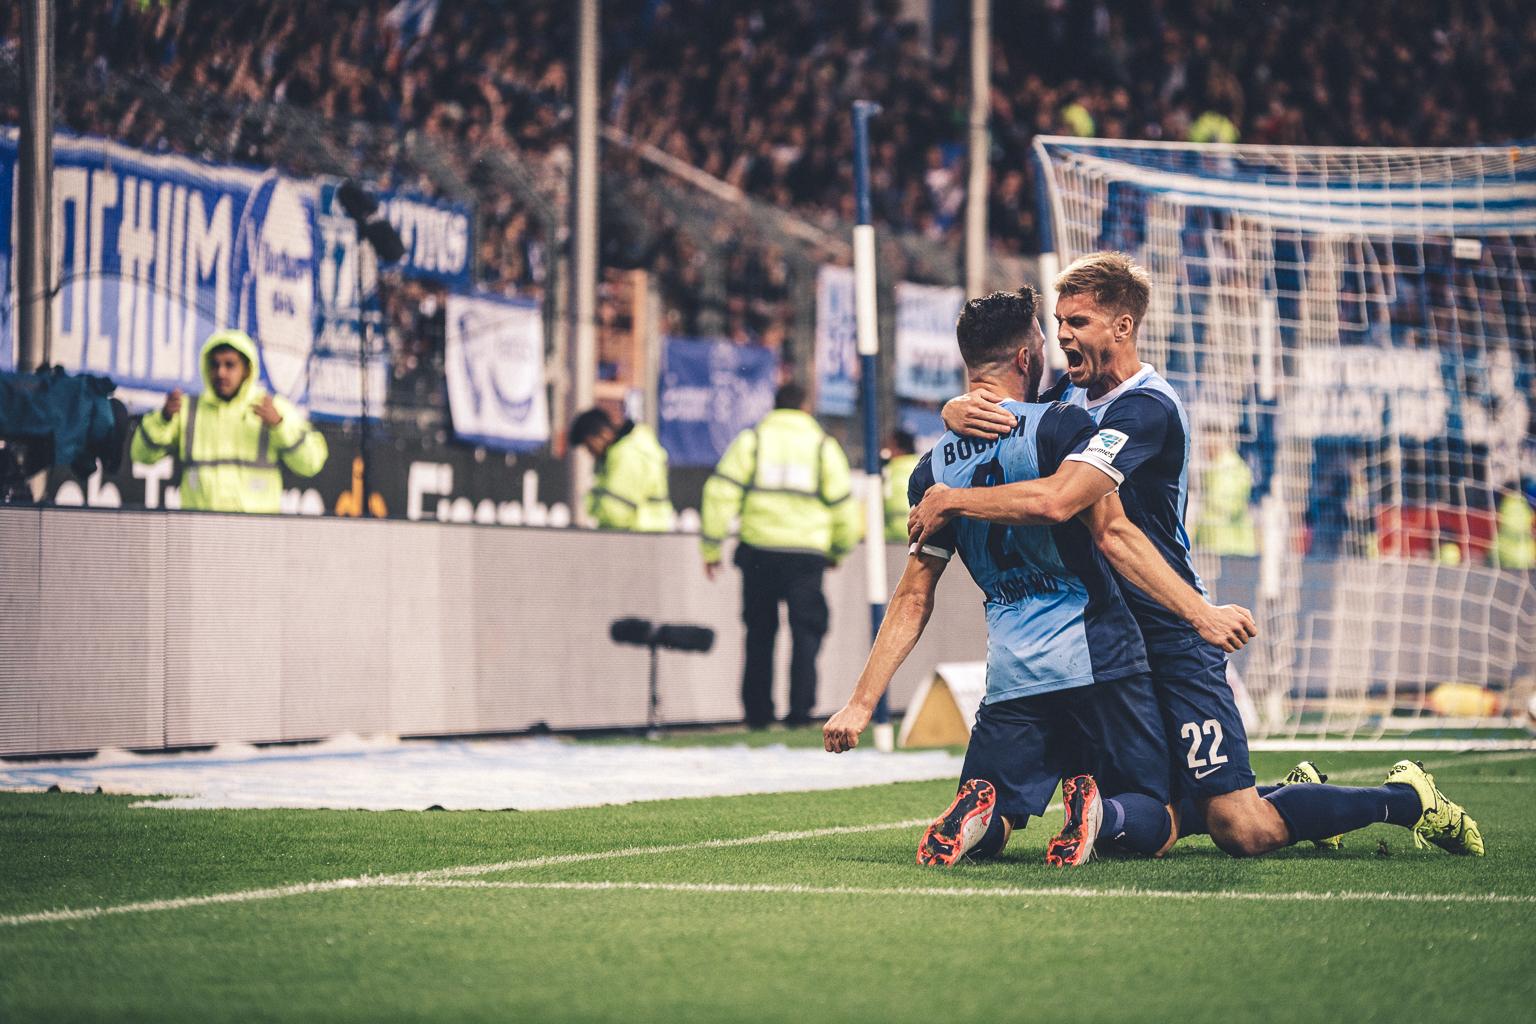 Fußballfotografie